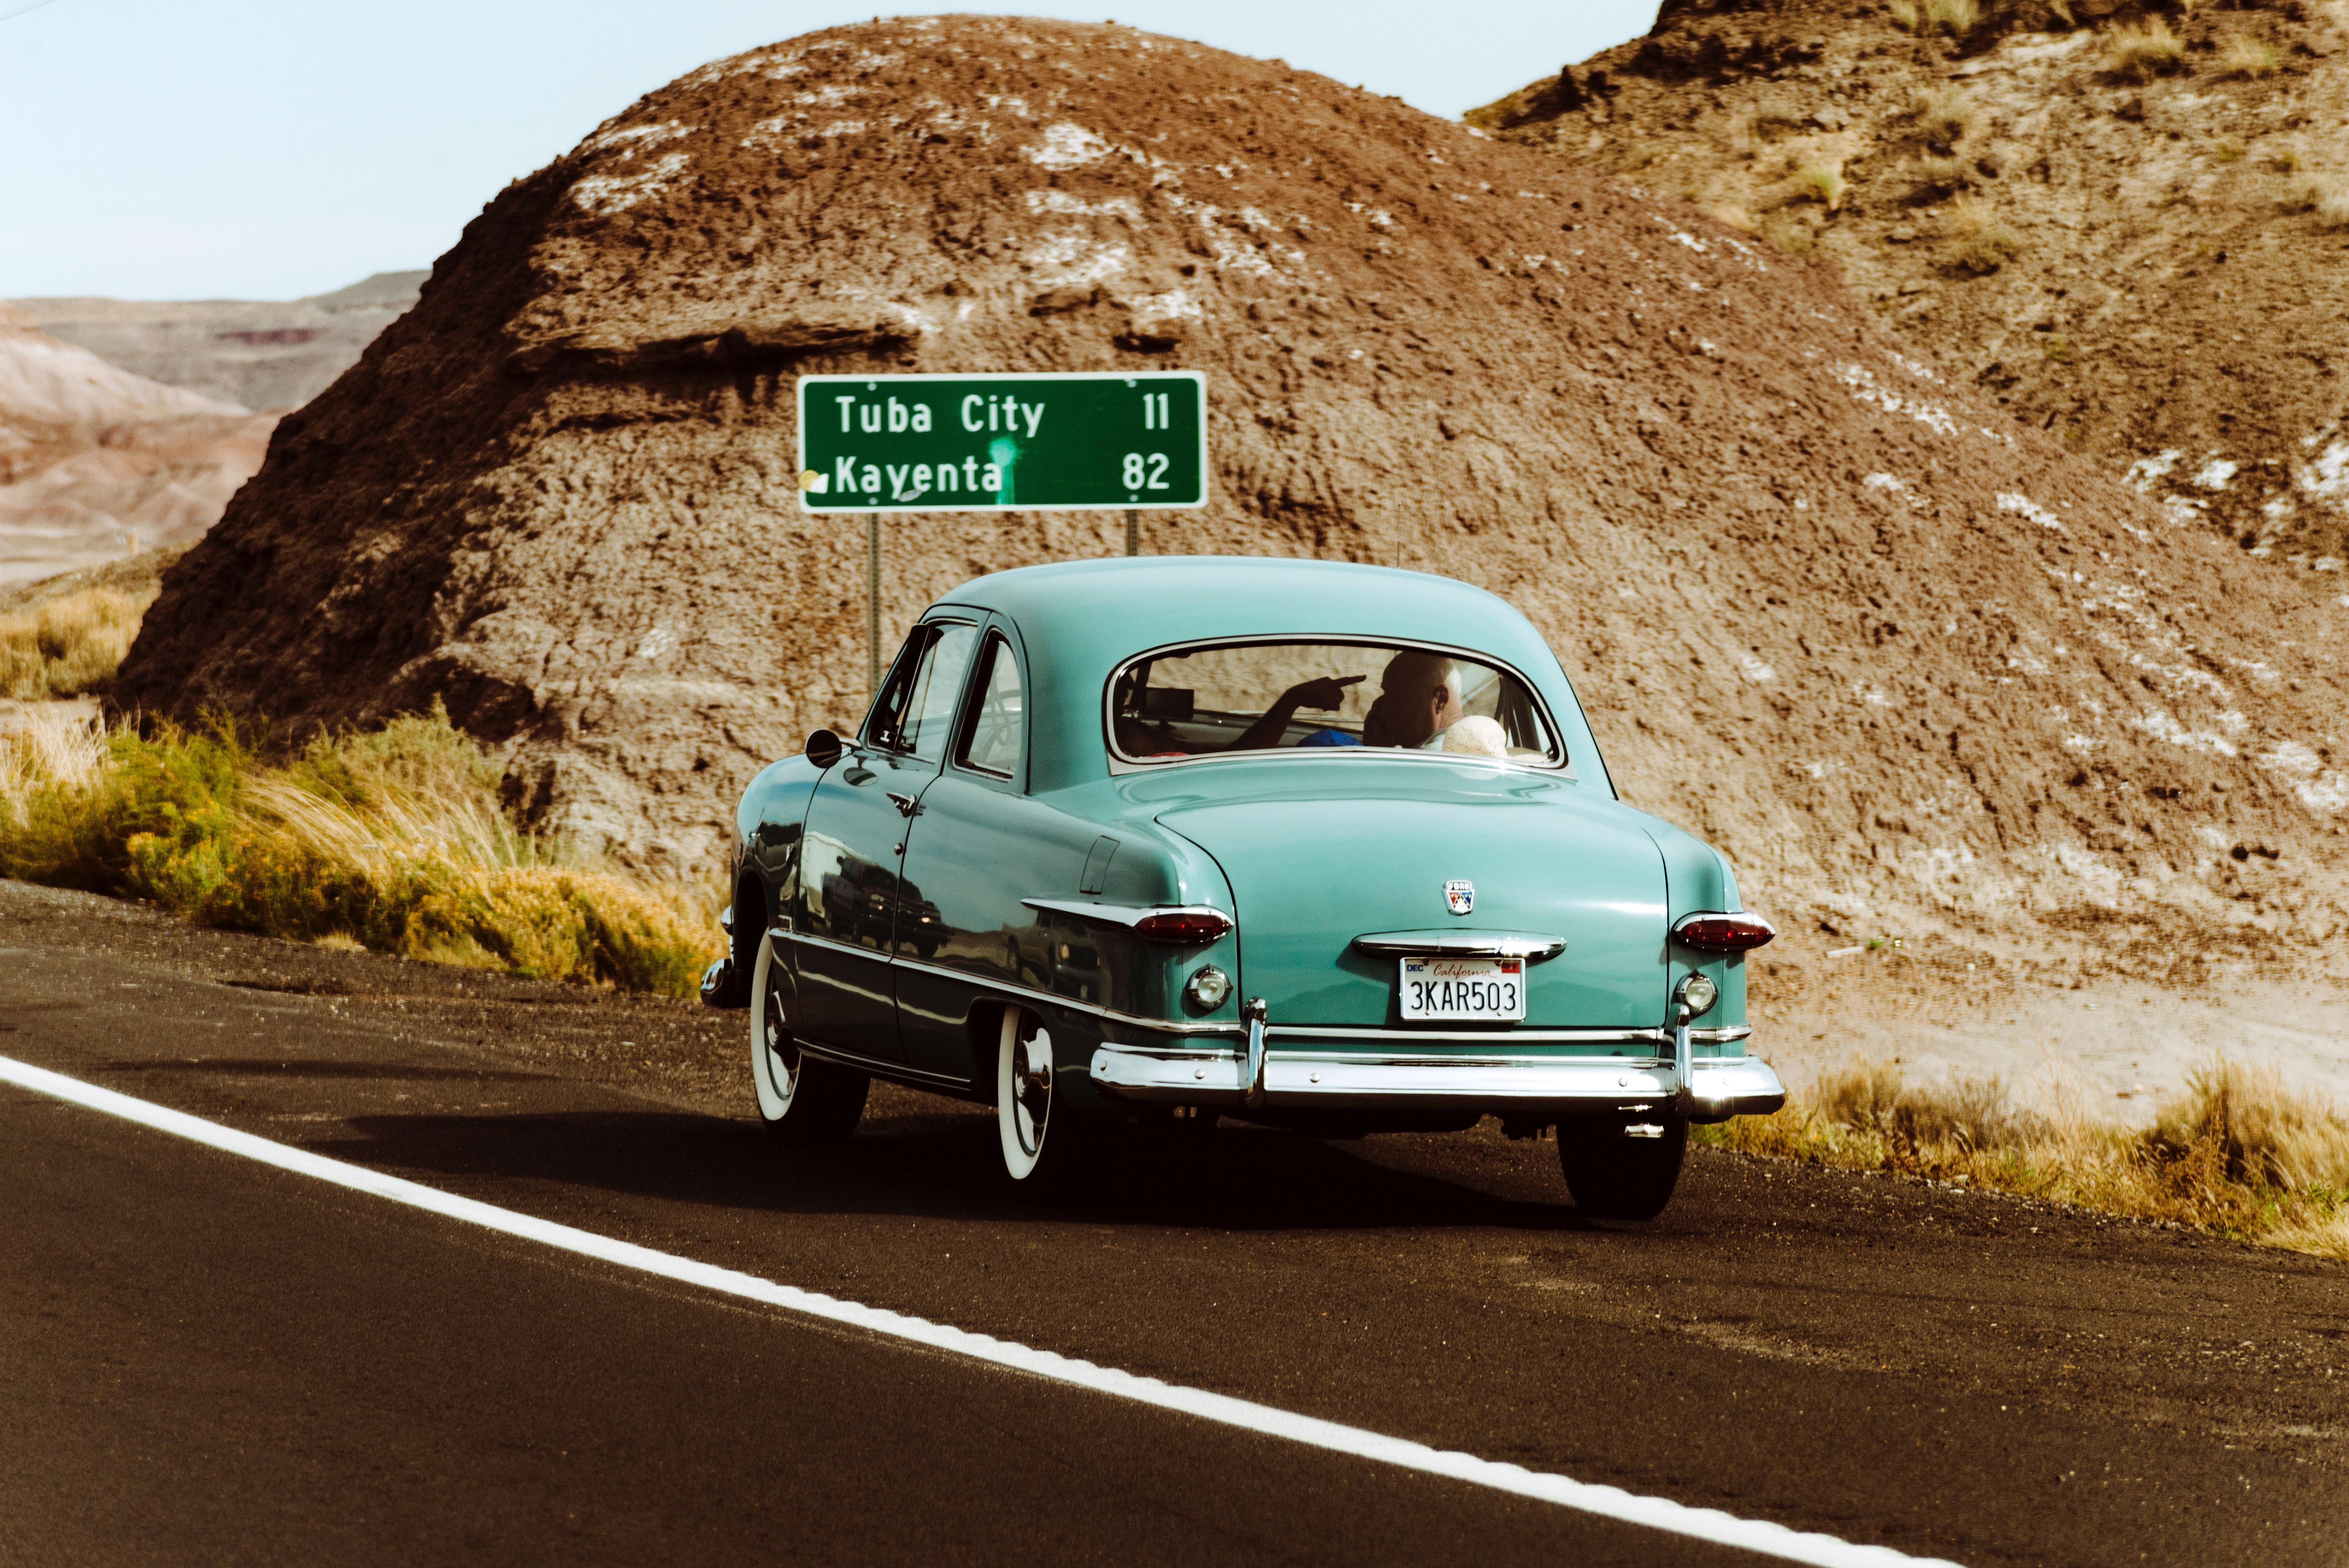 1000+ Beautiful Vintage Car Photos · Pexels · Free Stock Photos